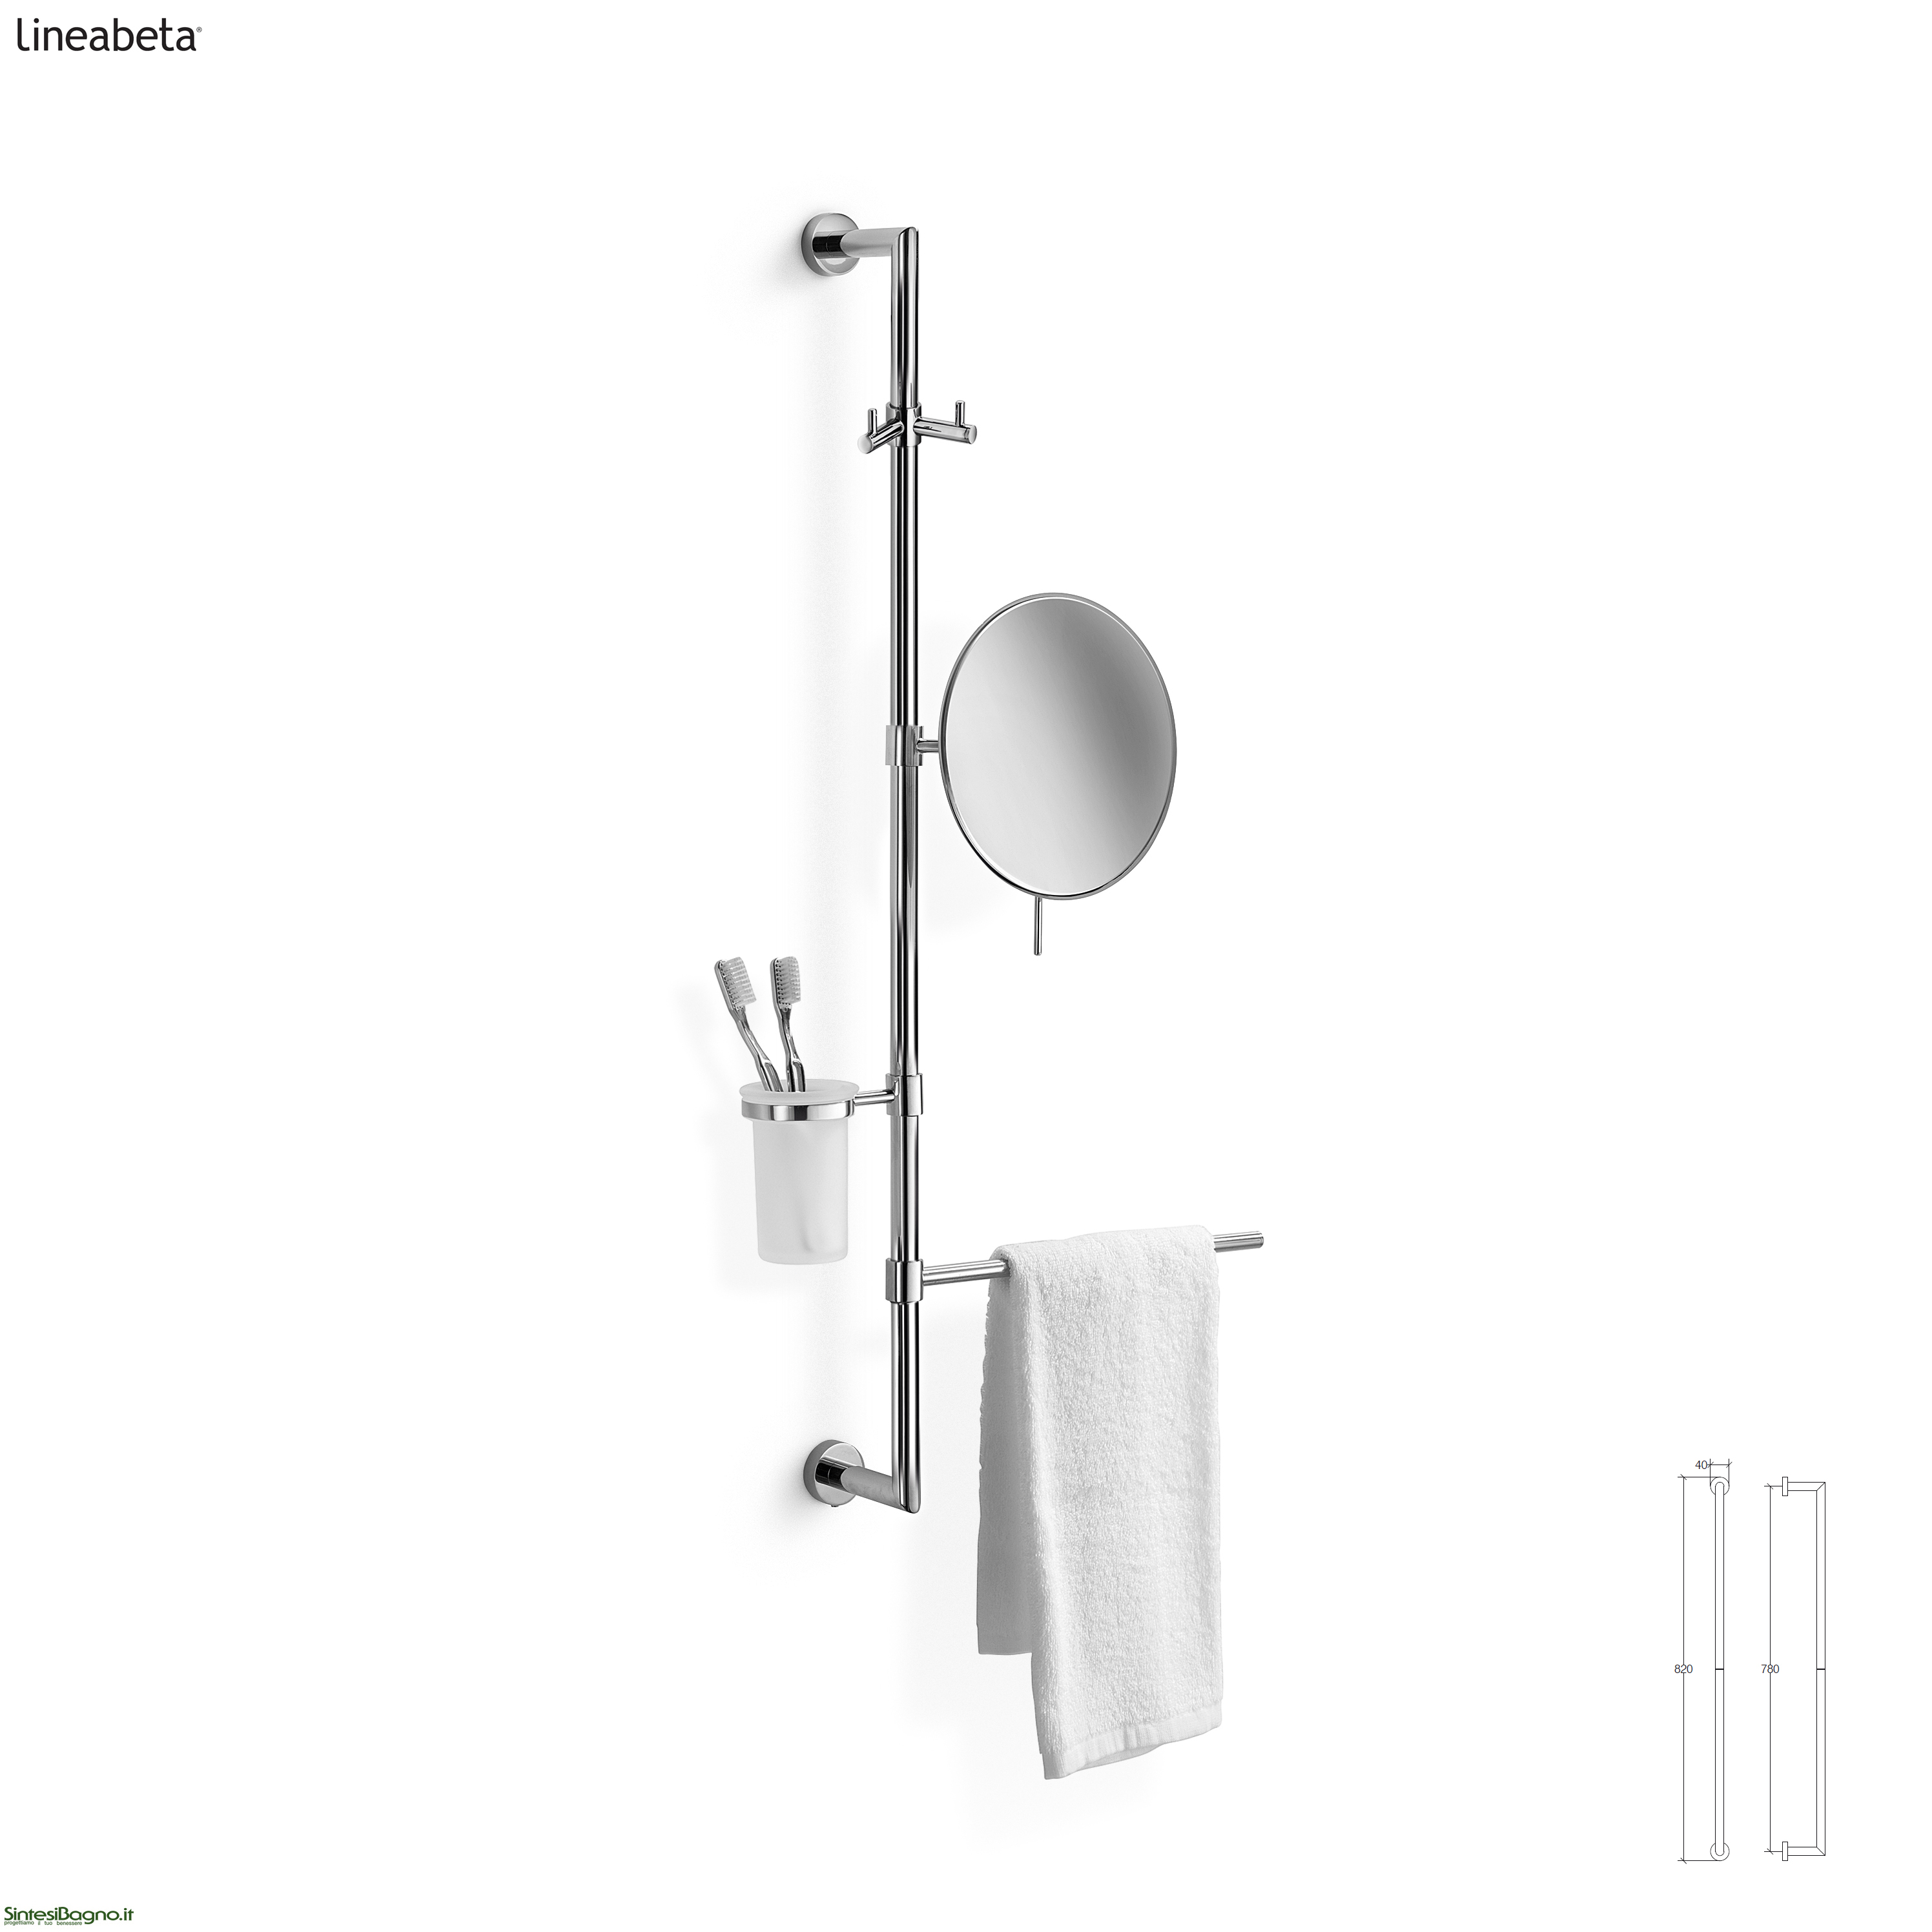 5223-accessori-complementi-bagno-lineabeta-baketobarra-attrezzata